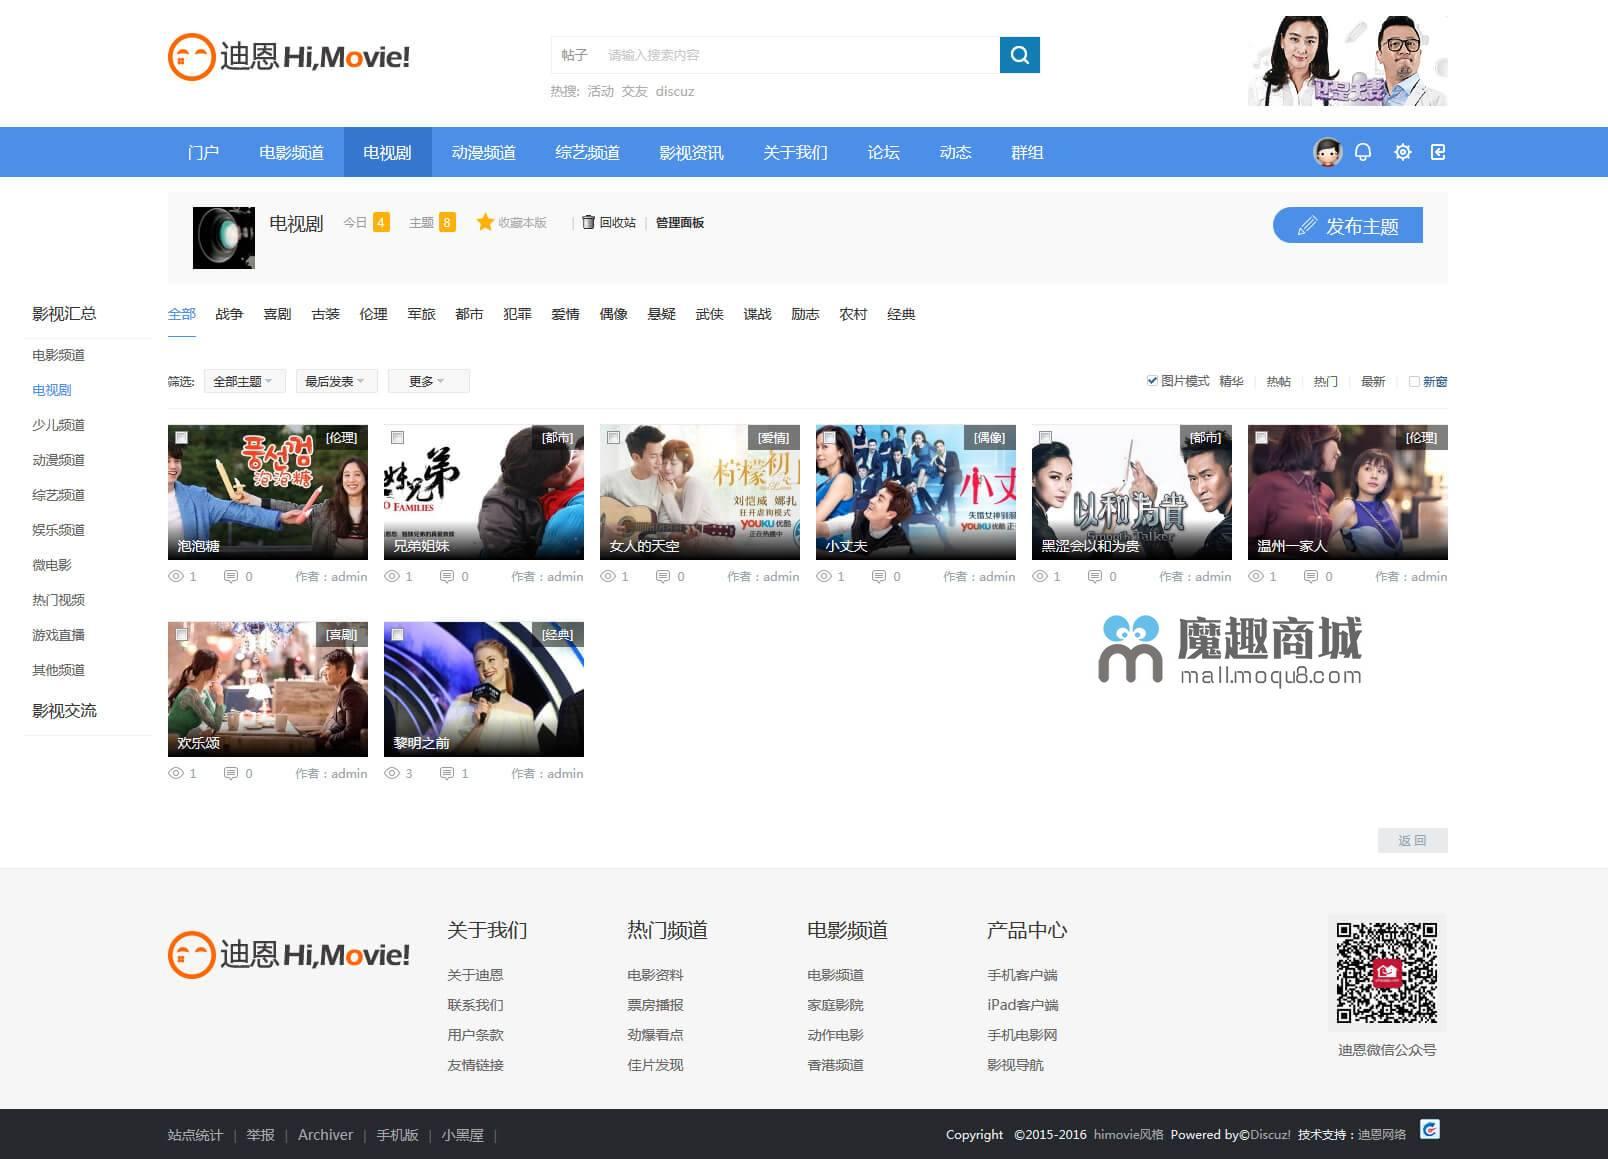 宽屏电影/视频网站模板带分类信息